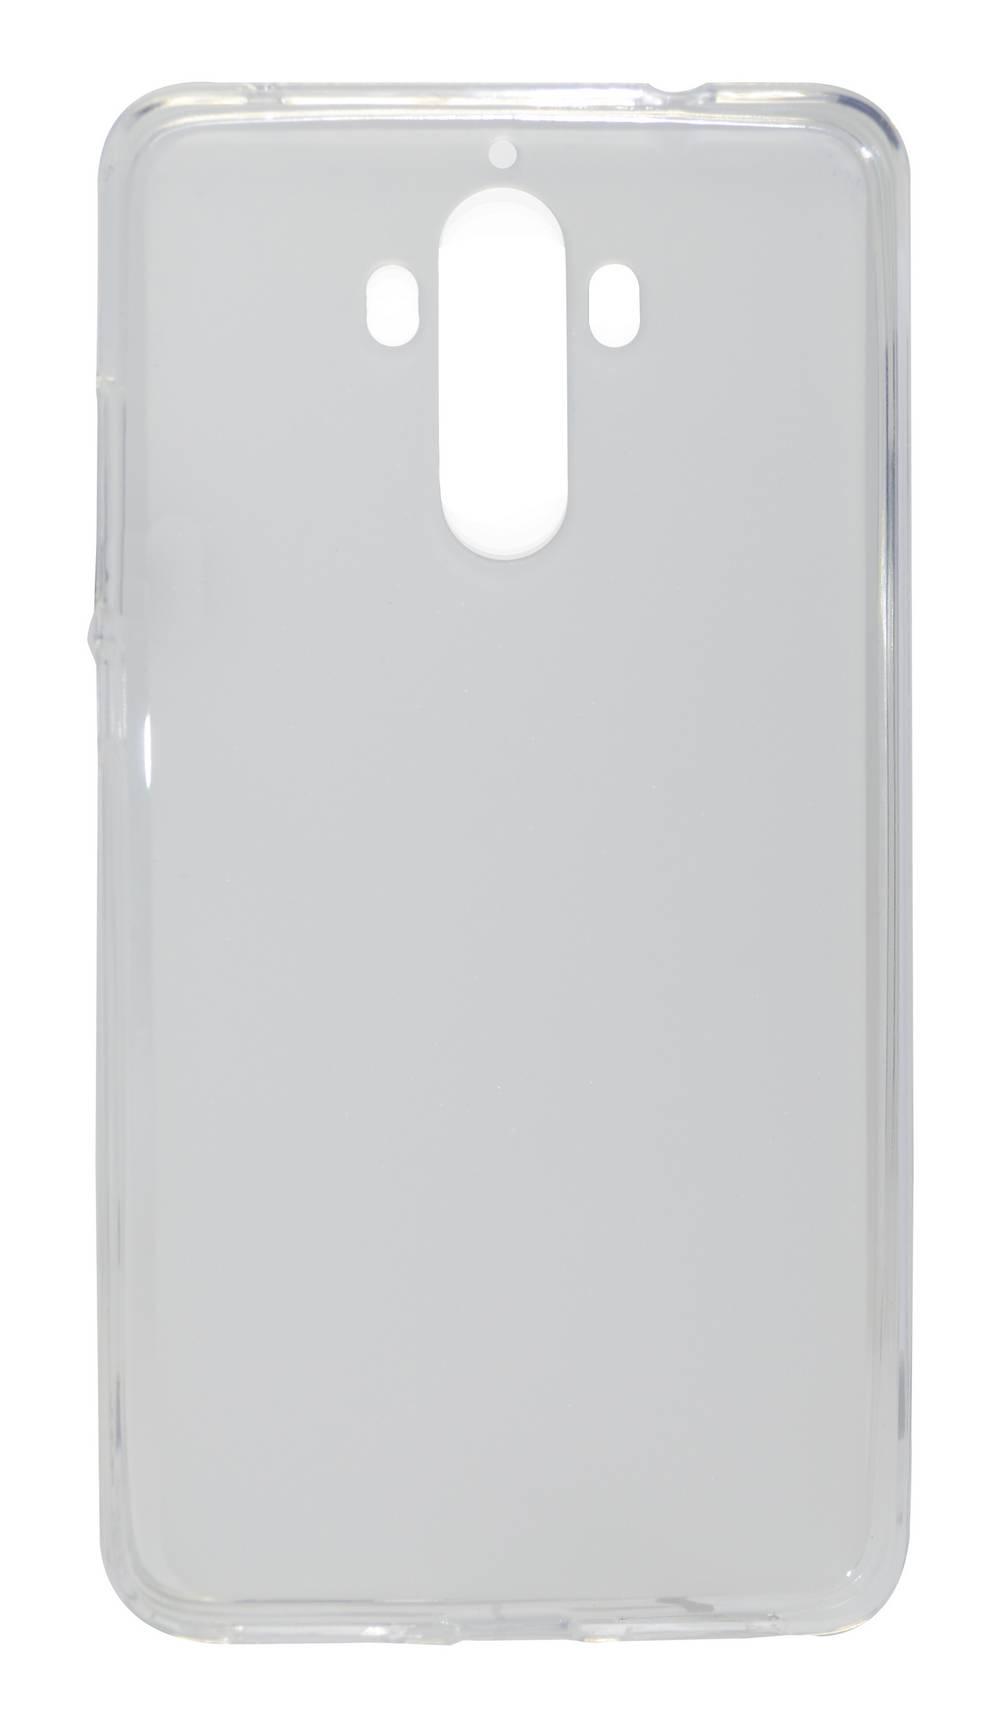 Θήκη TPU Ancus για Huawei Mate 9 Frost - Διάφανη